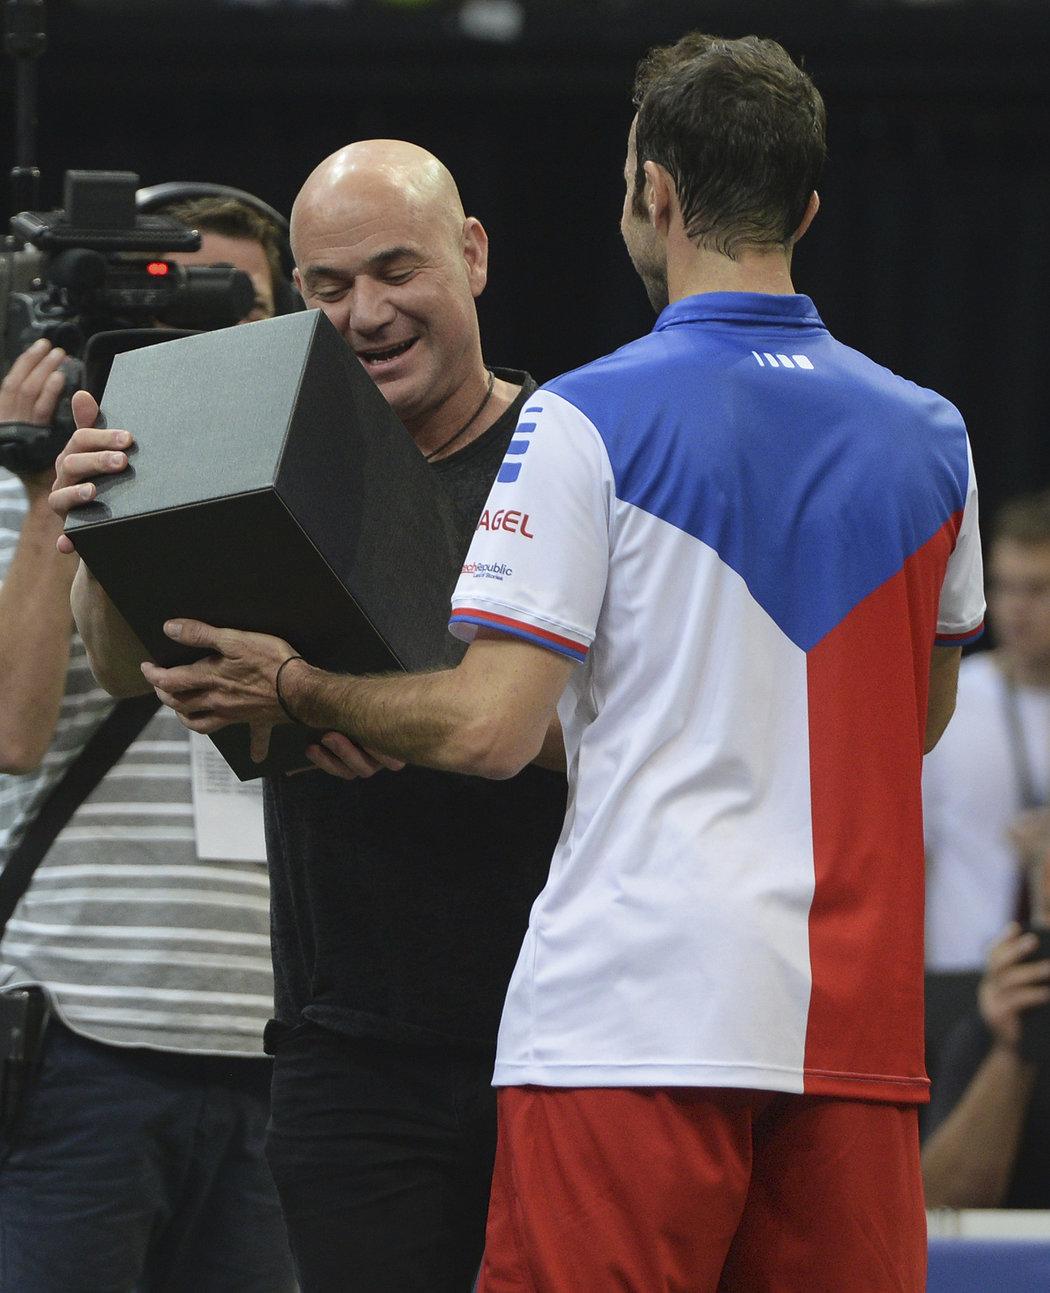 Andre Agassi přebírá dar od Radka Štěpánka